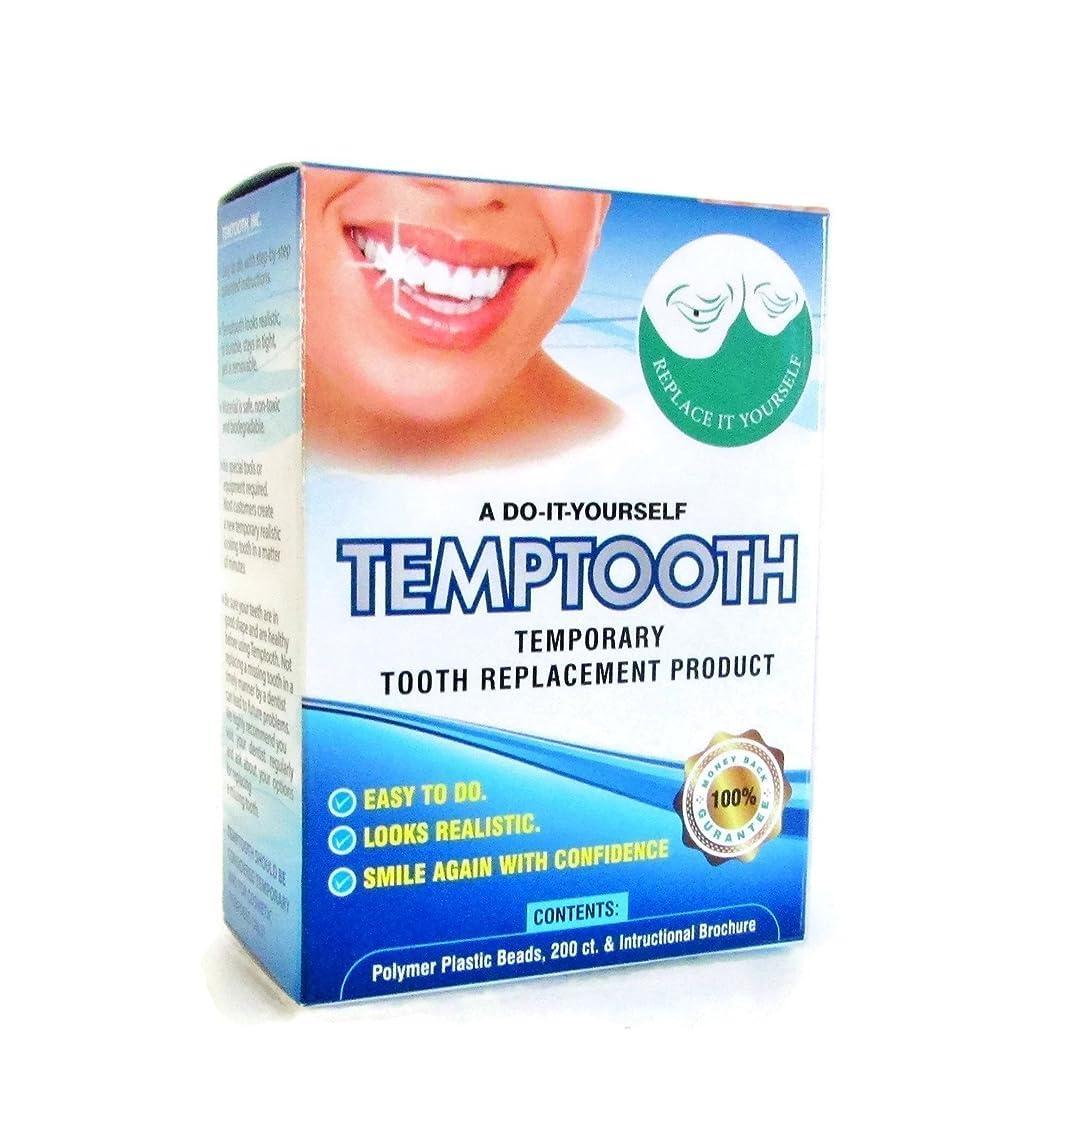 ぼかす音声学生理自分で作るテンポラリー義歯/Temptooth Do It Yourself Tooth Replacement Product